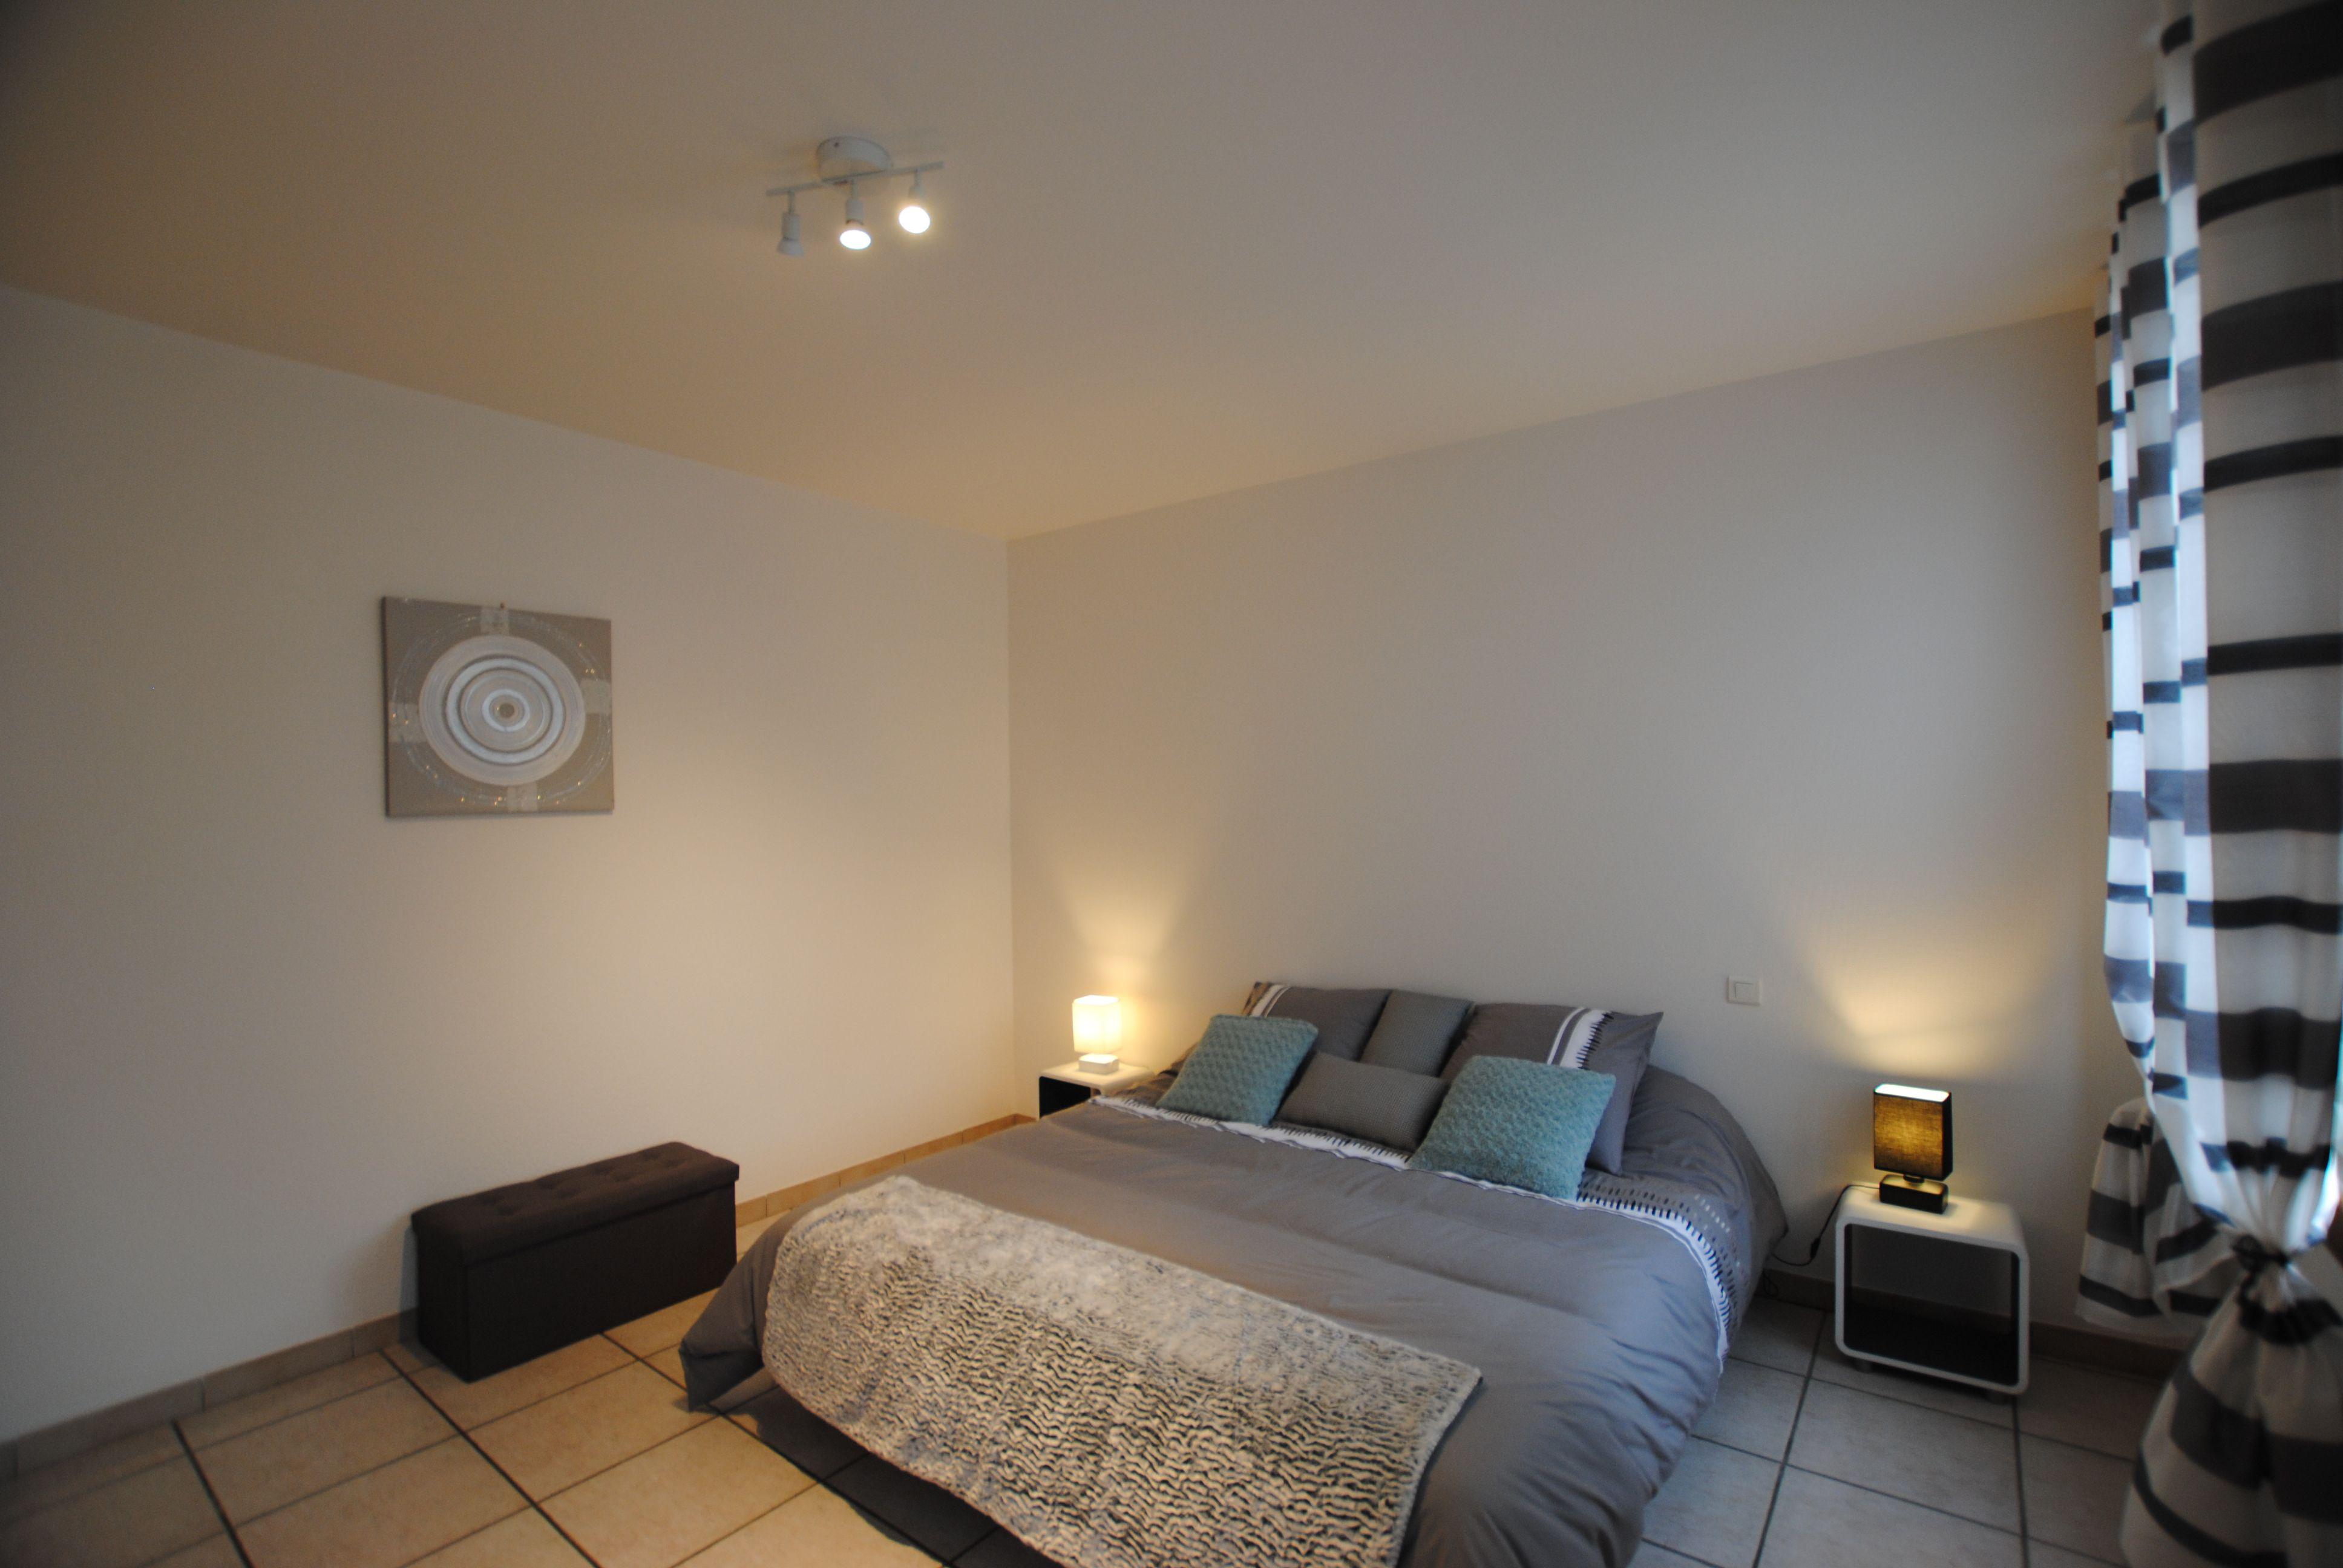 chambre 1 51G485 - Chez Bri-Gîte - Loisy sur Marne - Gîtes de France Marne